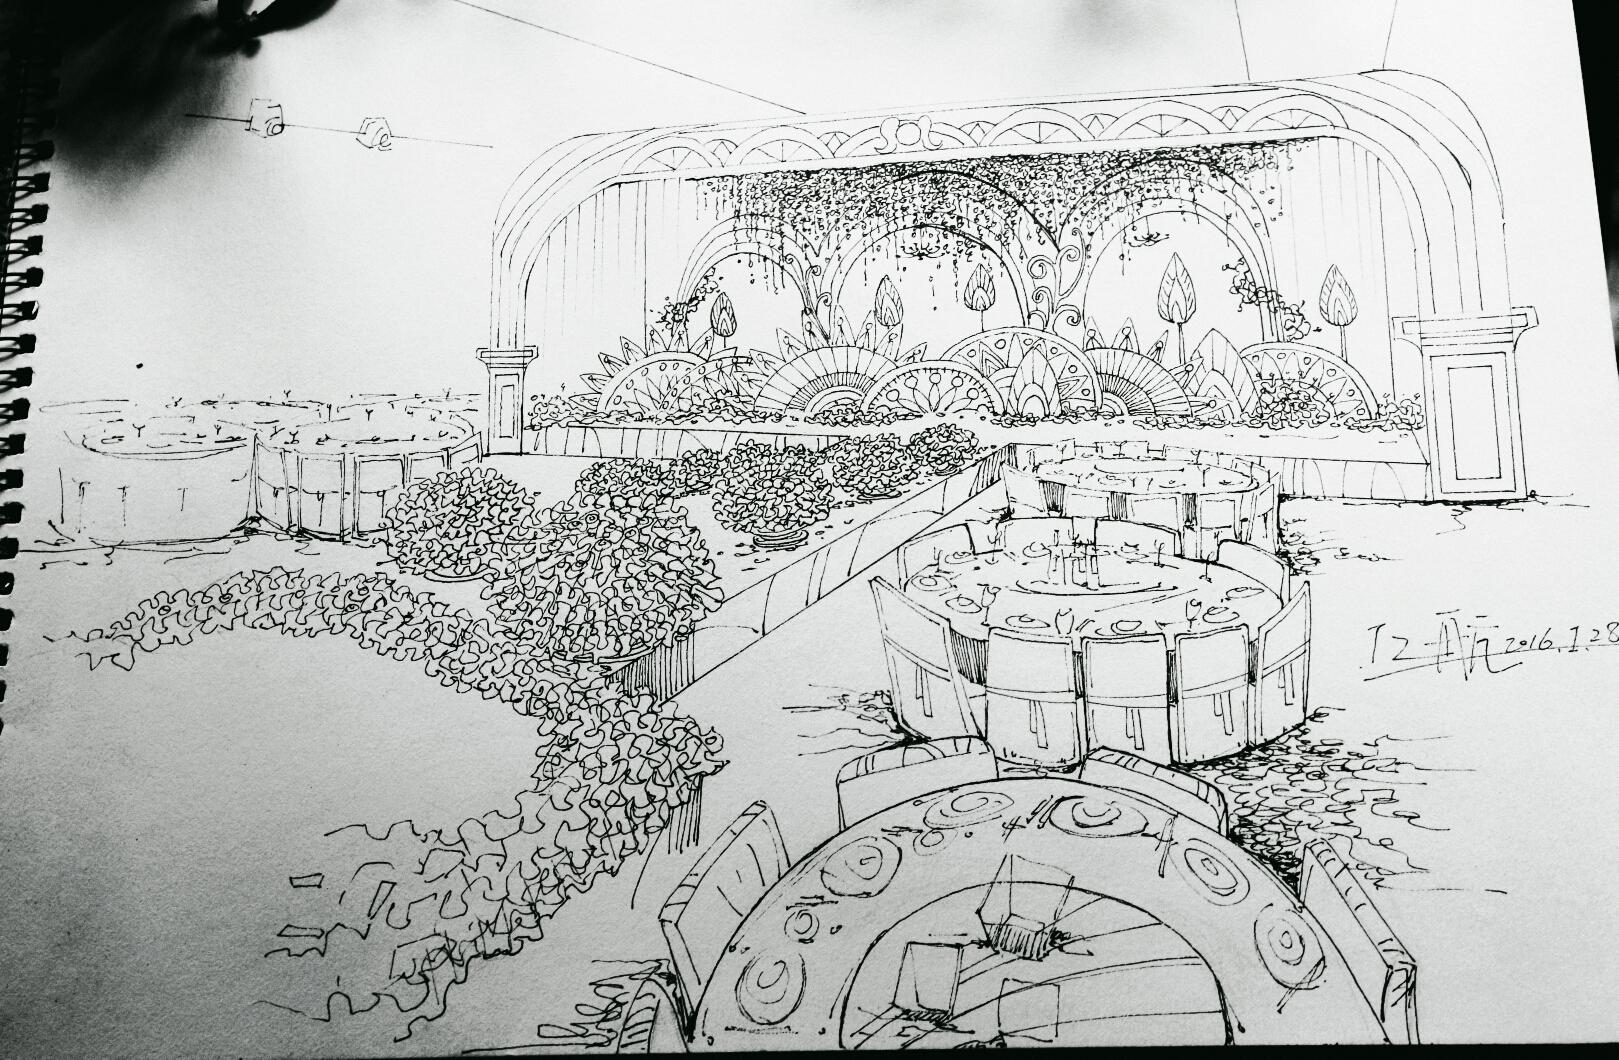 近期的婚礼手绘线稿 空间 舞台美术 斗爷丶 - 原创